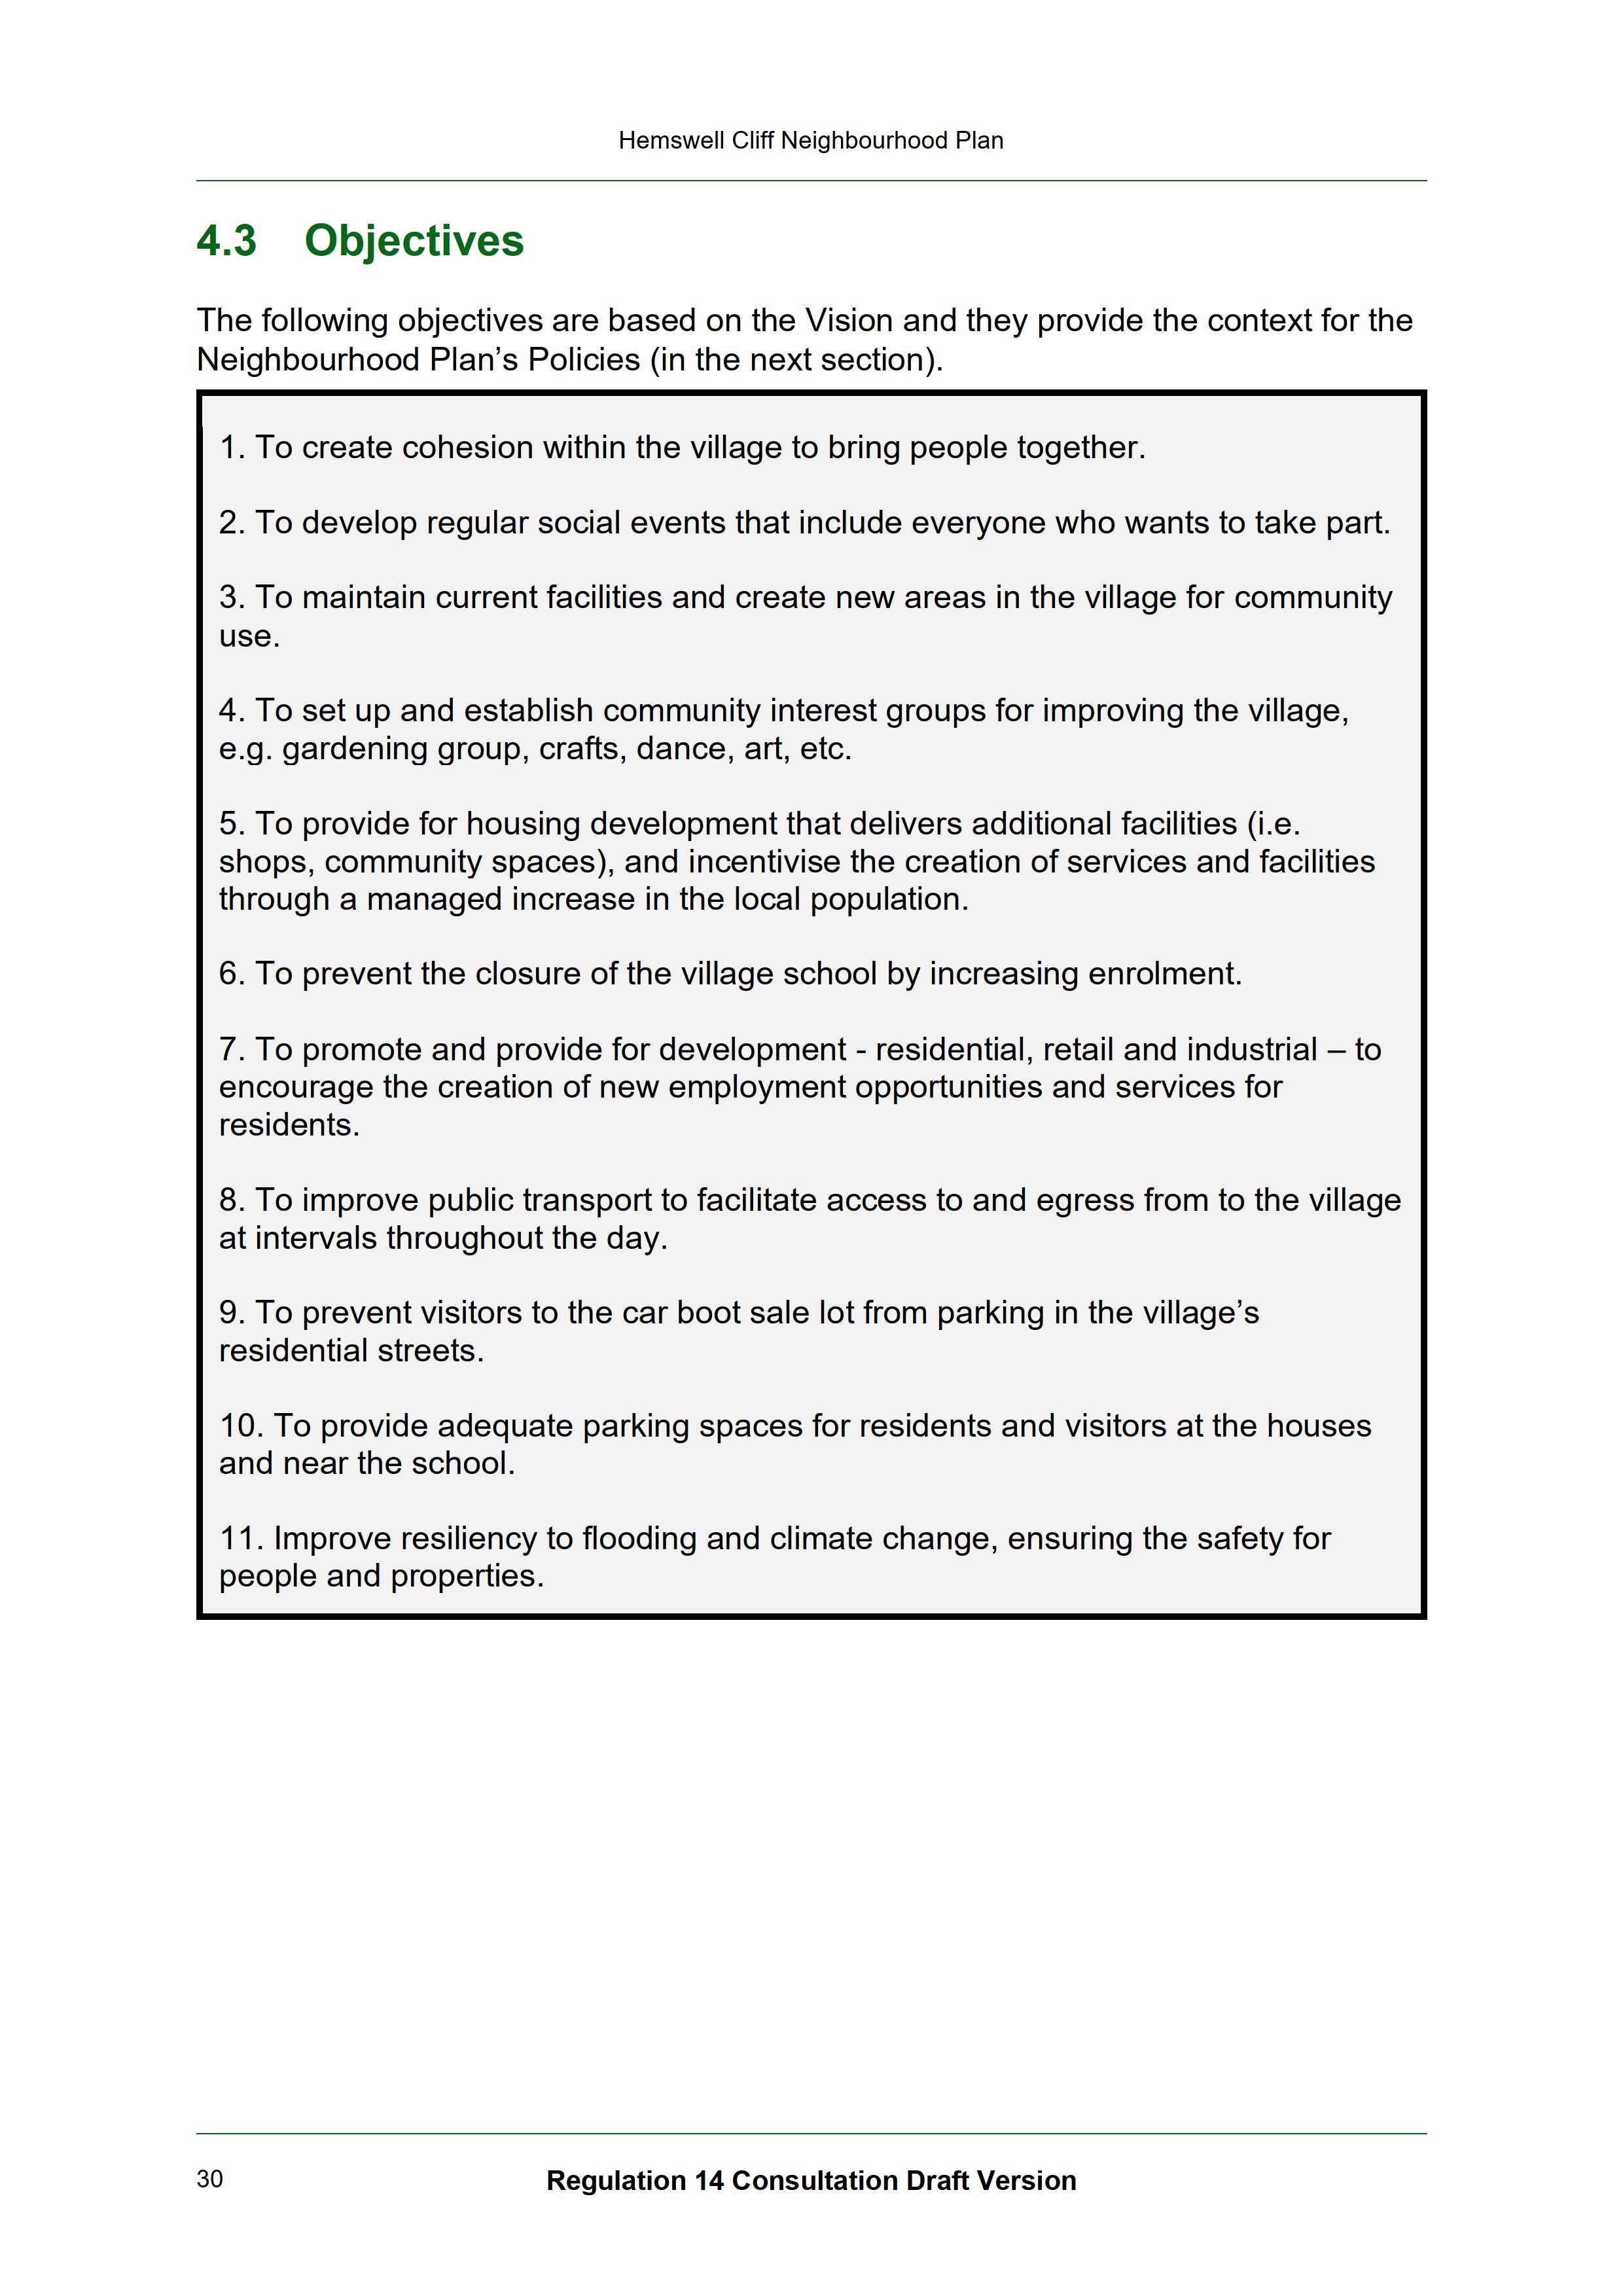 Hemswell_Cliff_R14_Draft_Neighbourhood_Plan_30.png